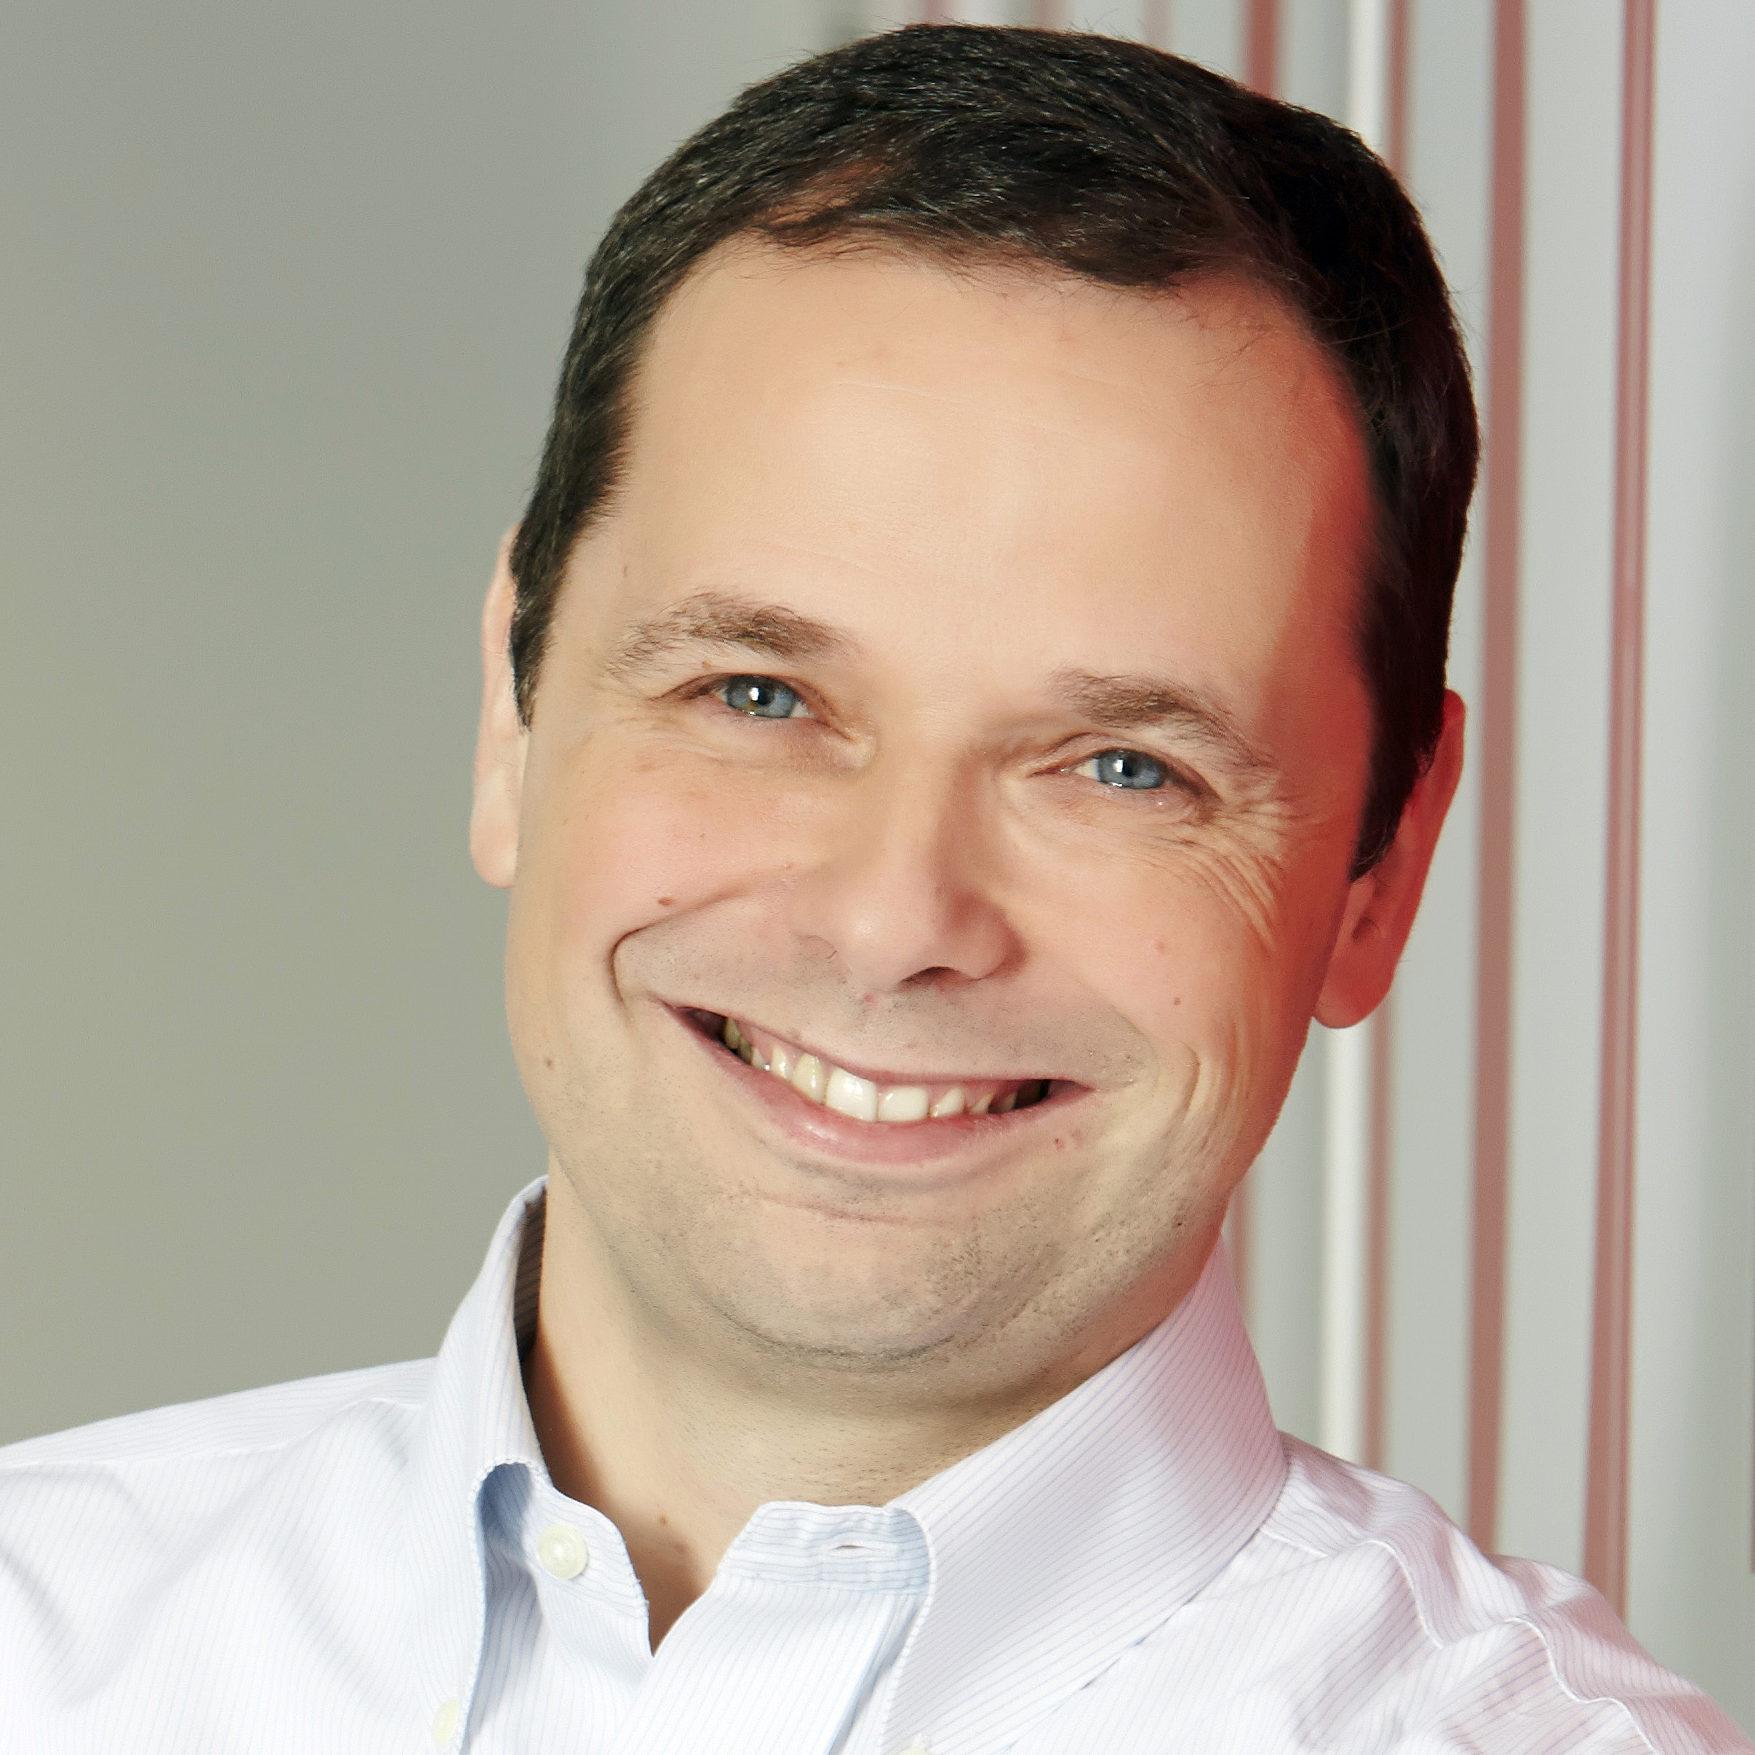 Philipp Bodzenta